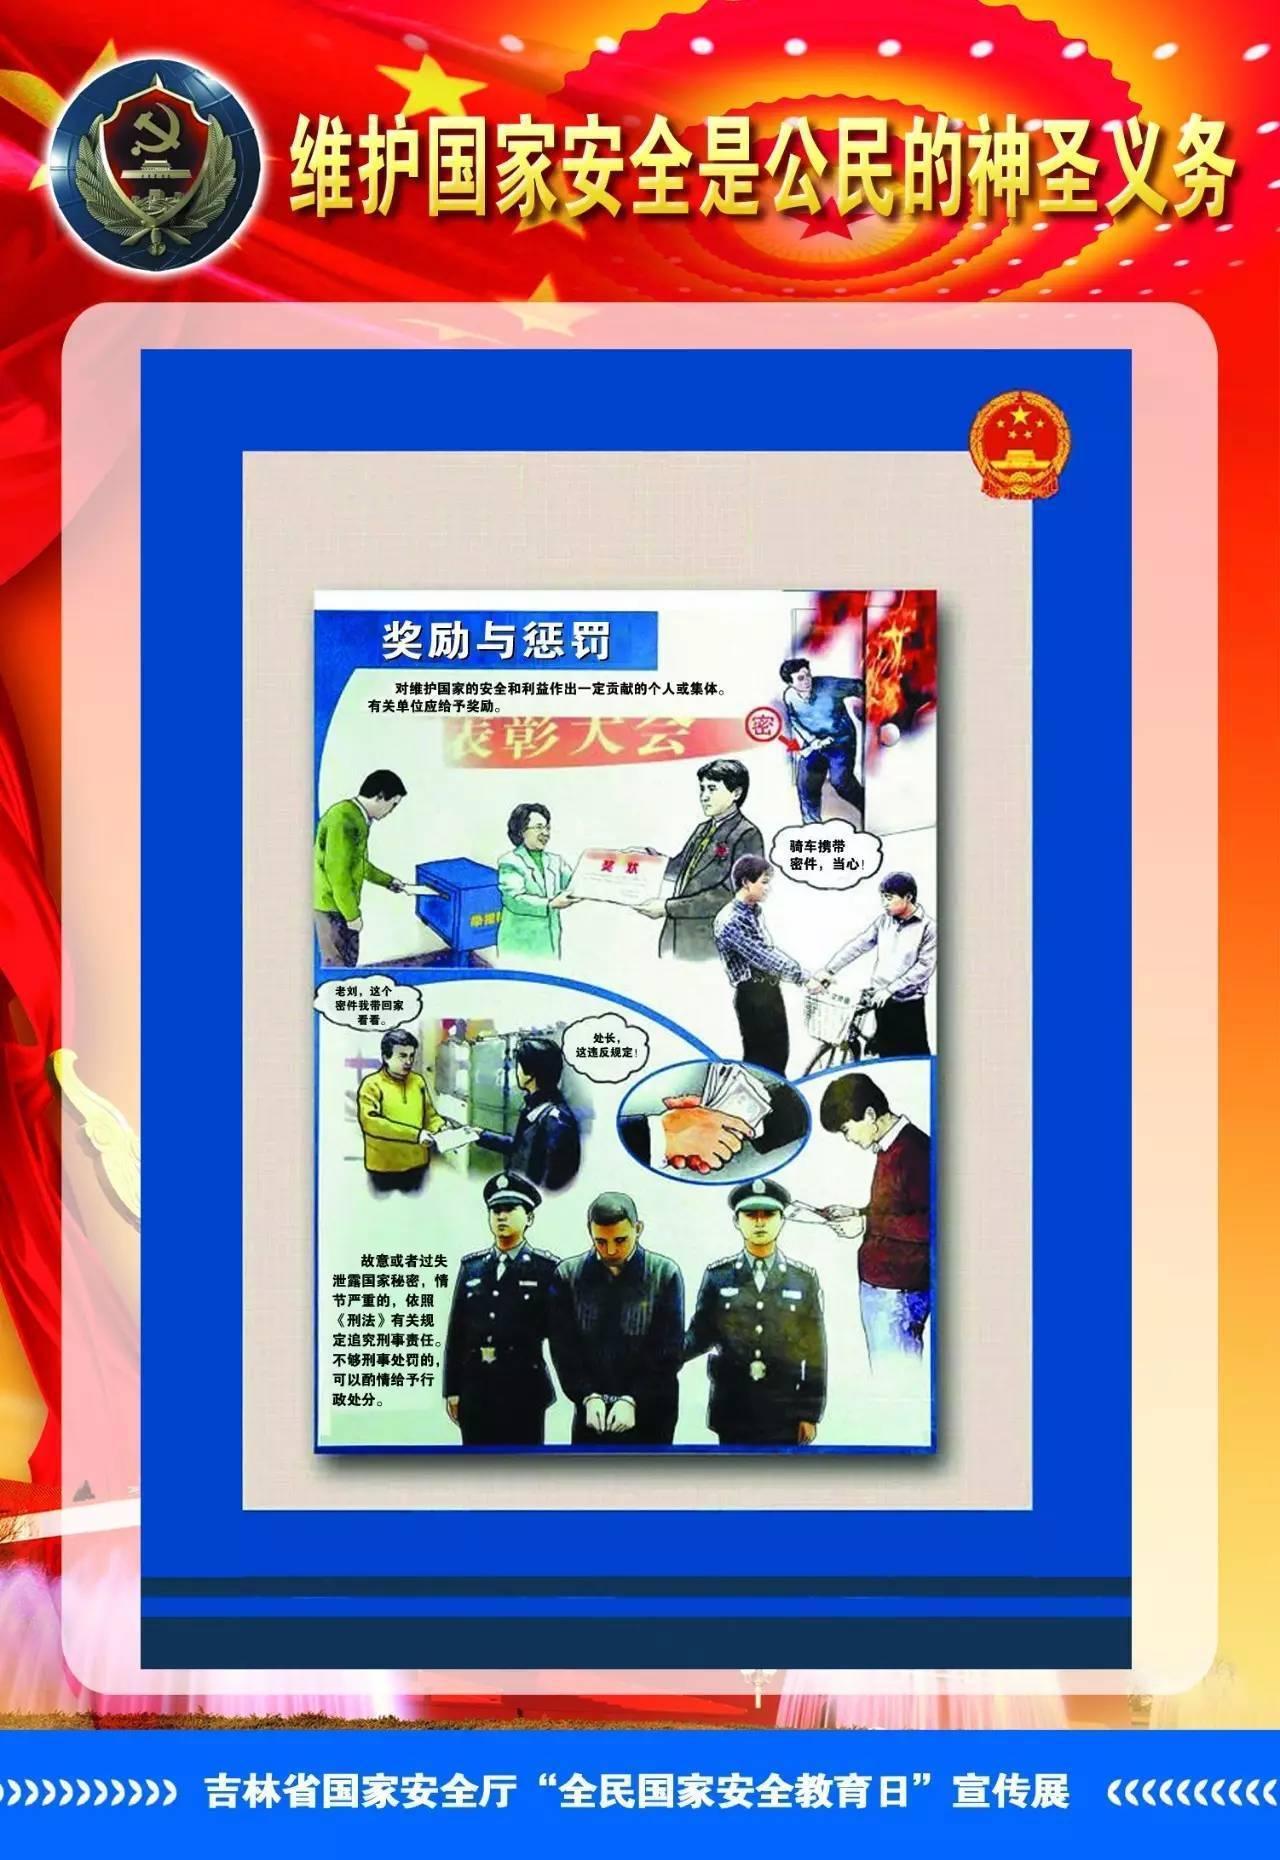 国家安全教育日:维护国家安全是义子的神圣公民视频训父图片